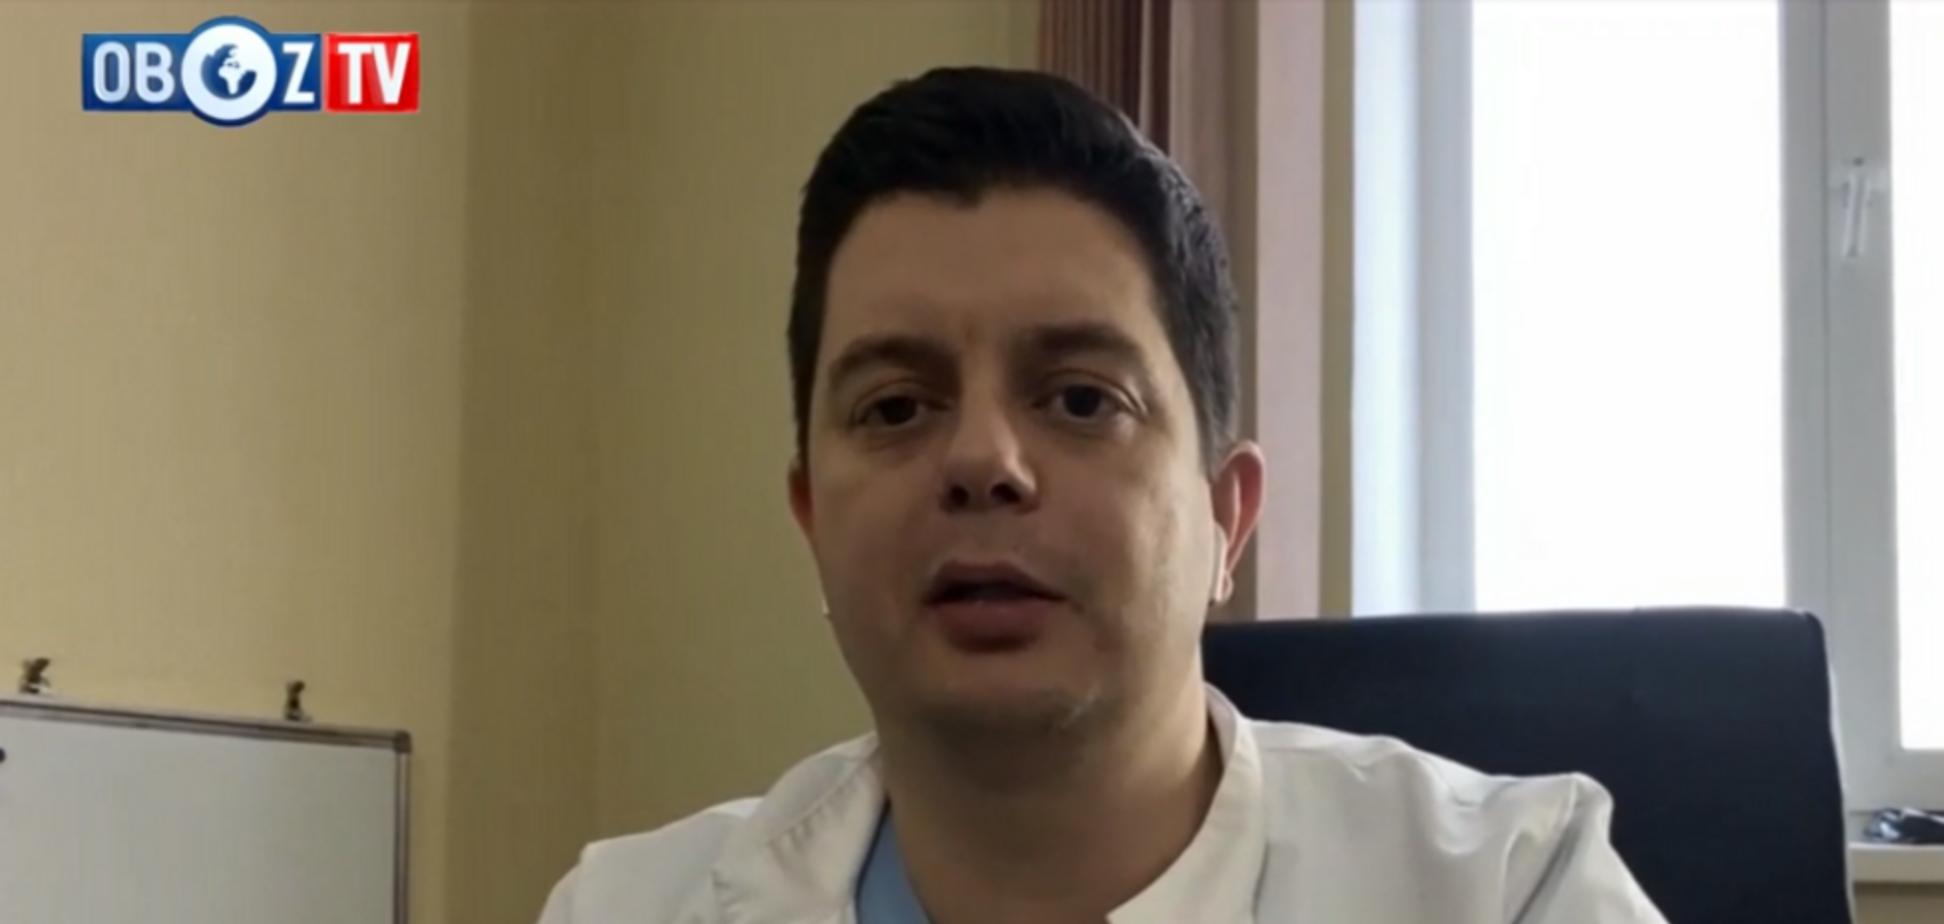 'Епідемія раку в Україні': онколог озвучив цифри, що шокують